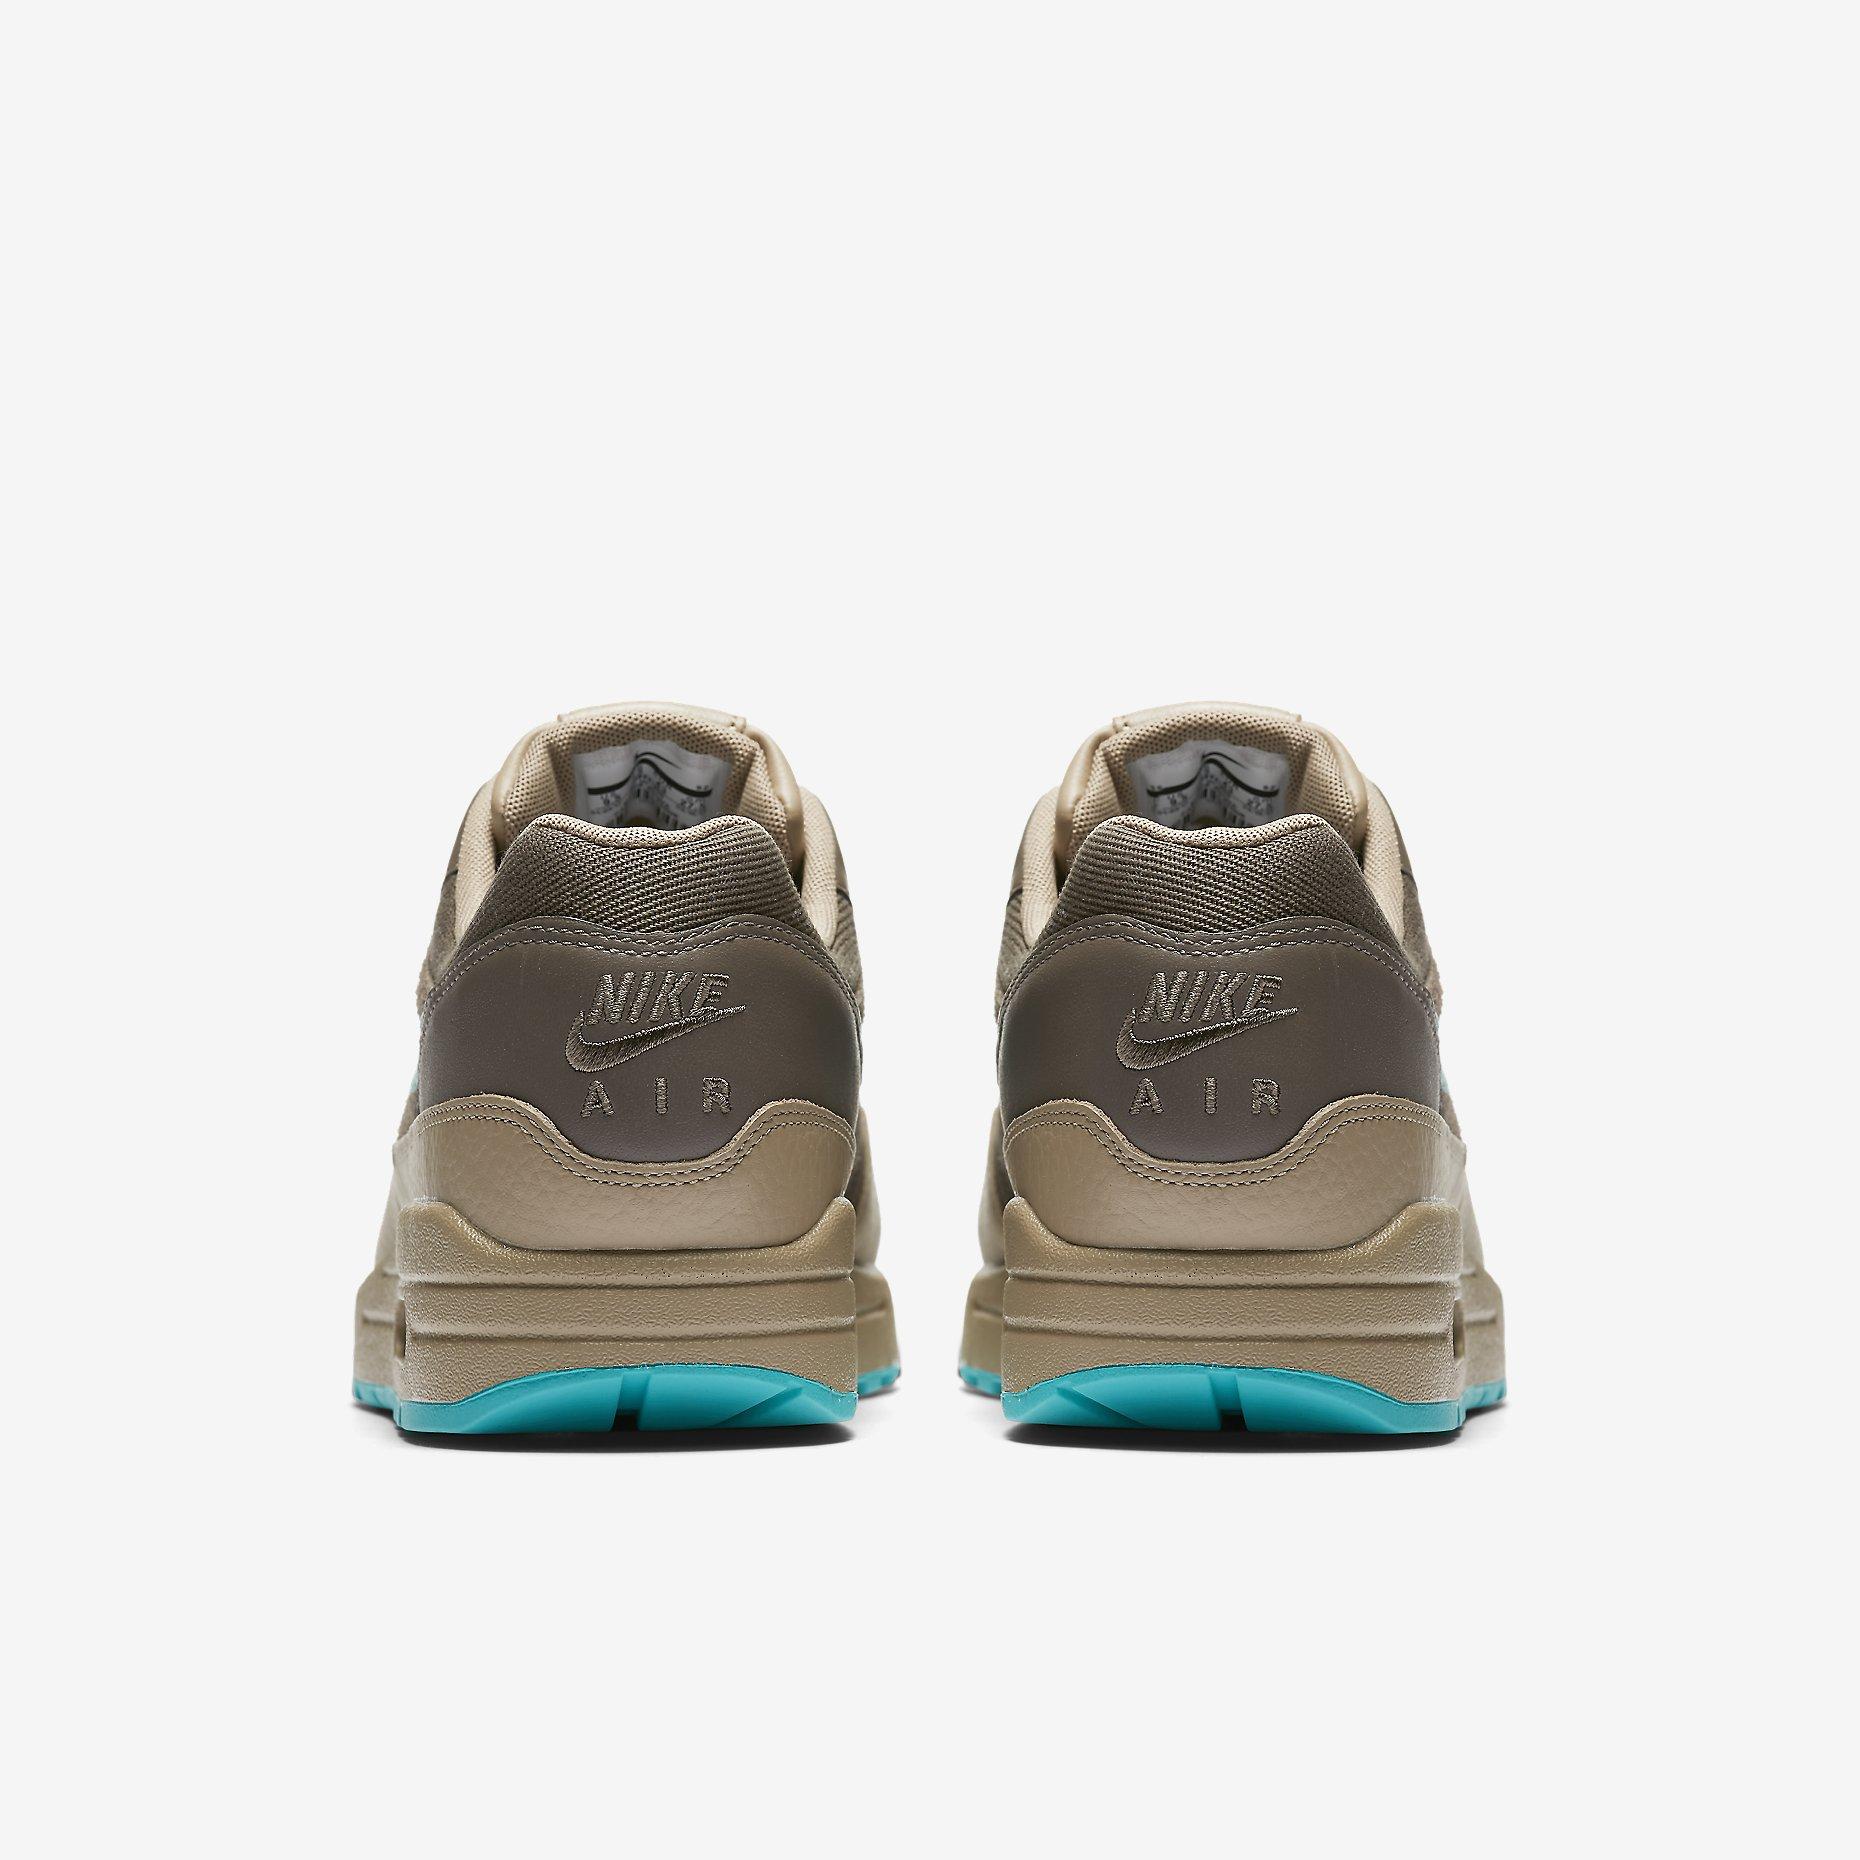 Nike Air Max 1 Premium Ridgerock 875844 200 4